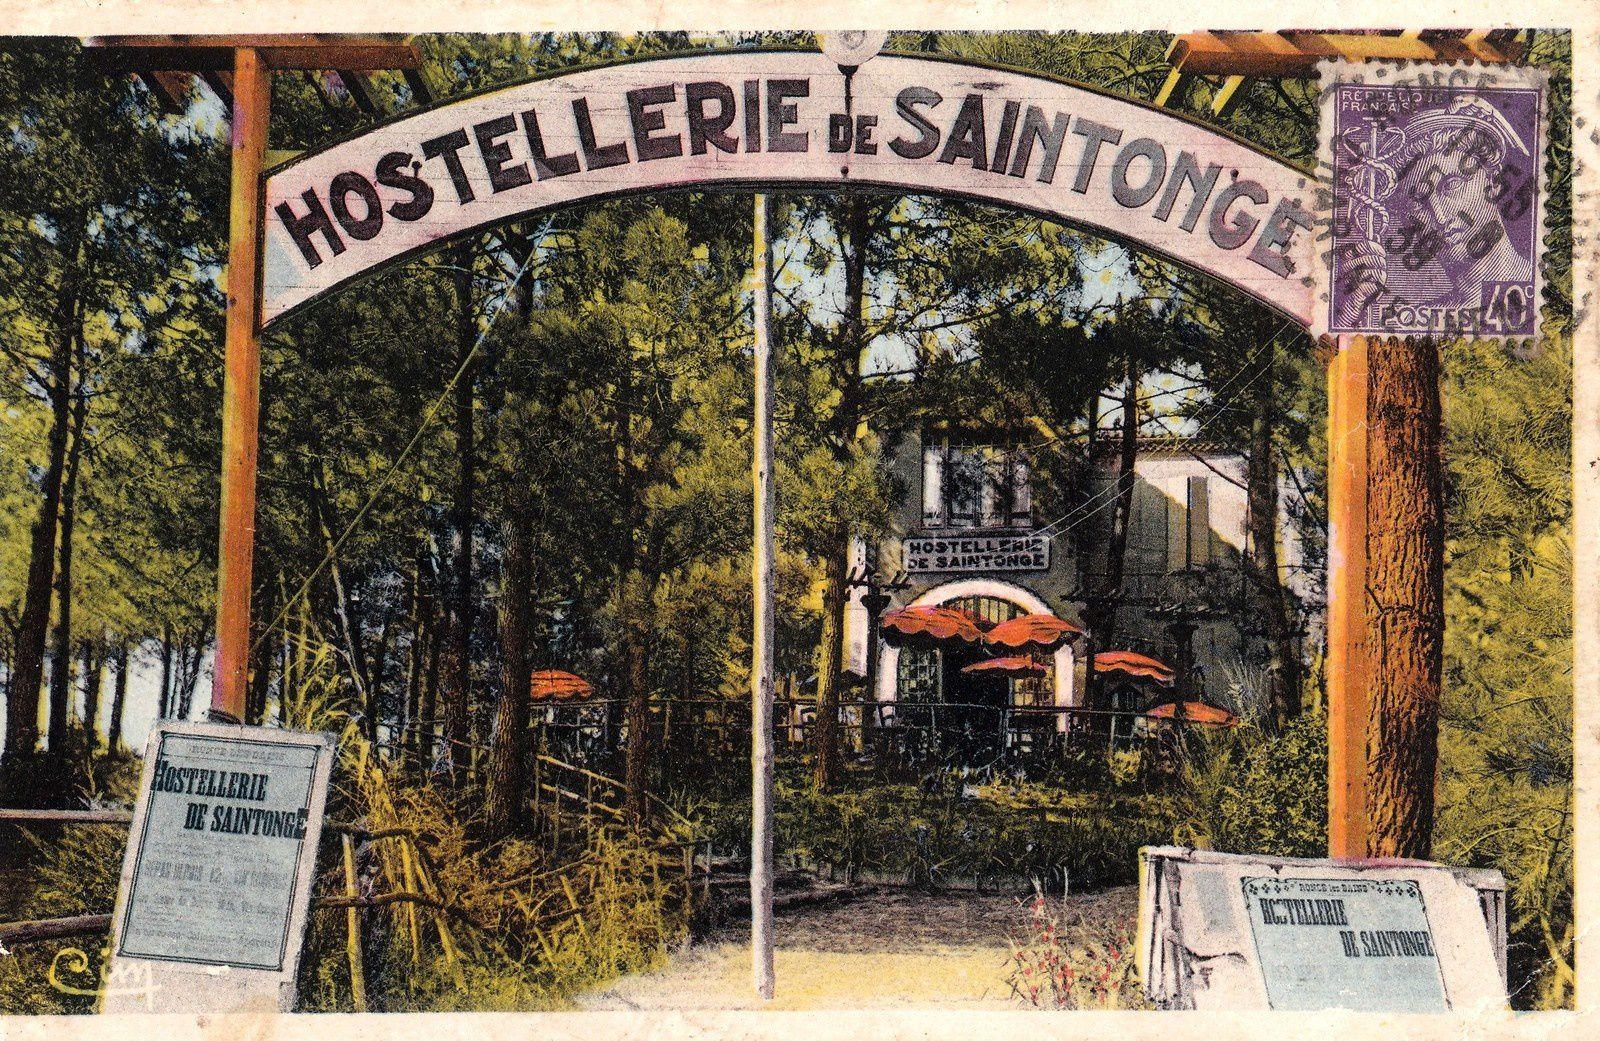 L'Hostellerie de Saintonge, avenue de Saintonge en 1939